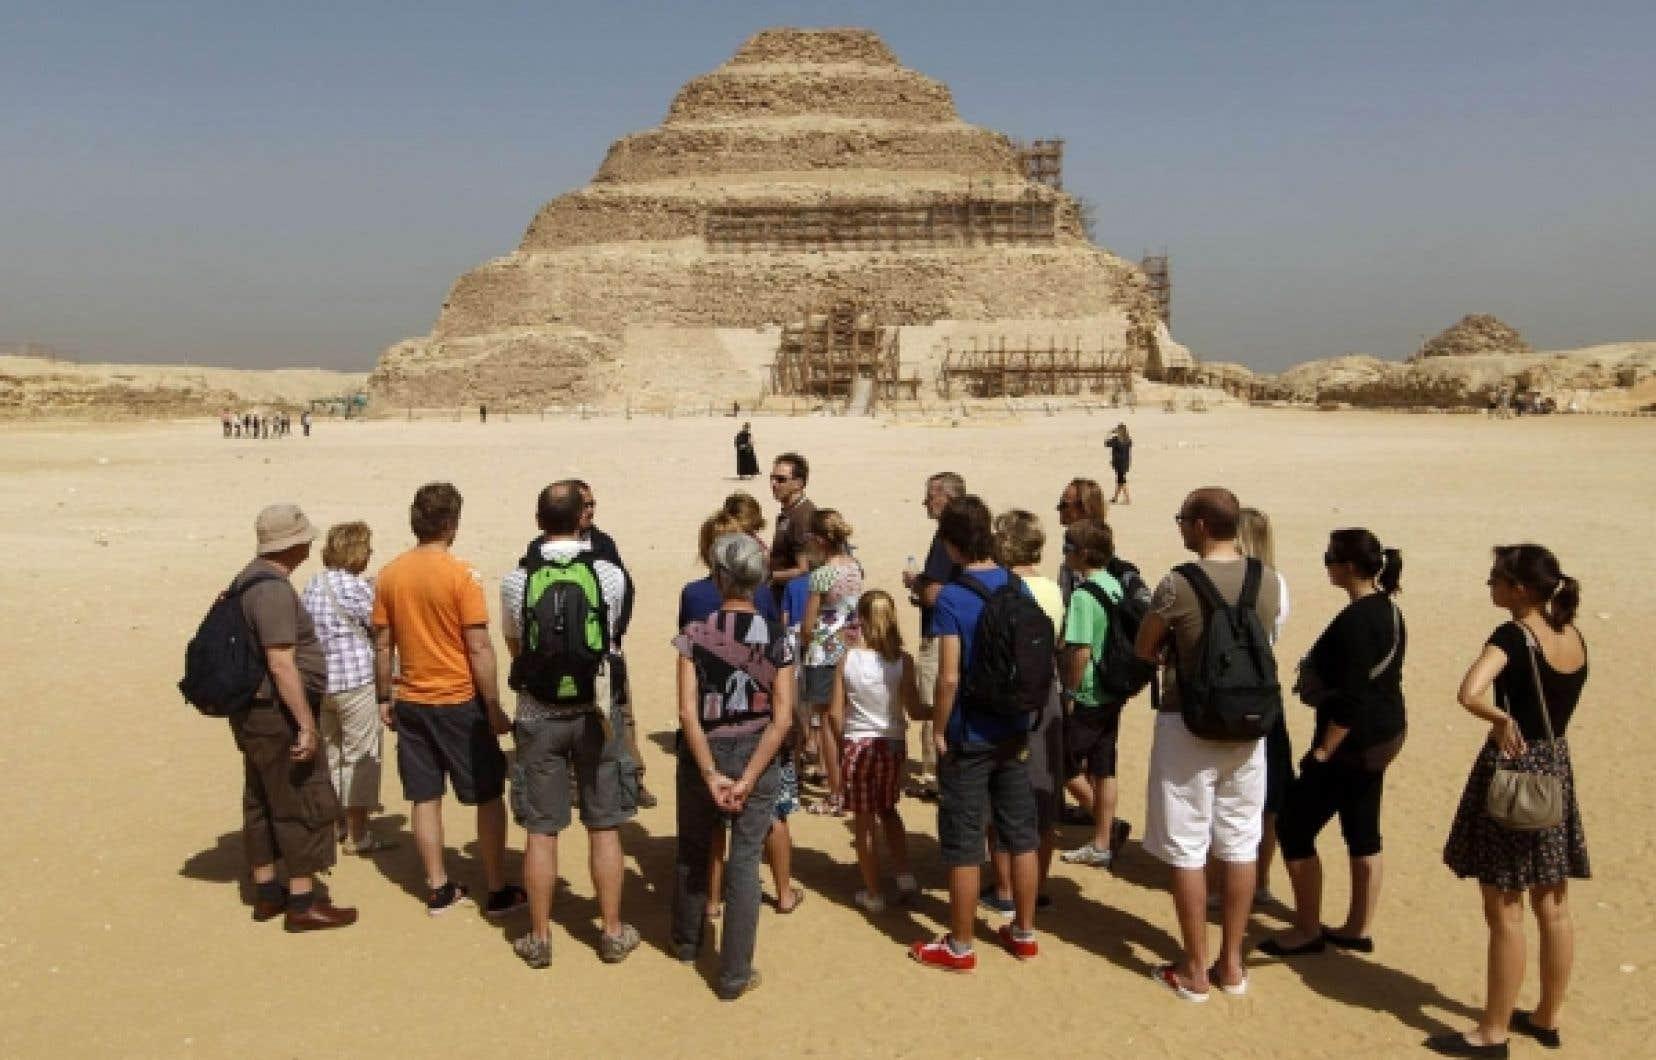 Groupe de touristes devant la nécropole de Saqqara en Égypte. Des lecteurs ayant participé à une formule de voyage «semi-organisé» nous informent qu'il leur en a coûté autant qu'un voyage de groupe traditionnel, soit environ 5000 $ par personne, l'avion compris. En outre, ce voyage ne leur a pas laissé la liberté qu'ils espéraient.